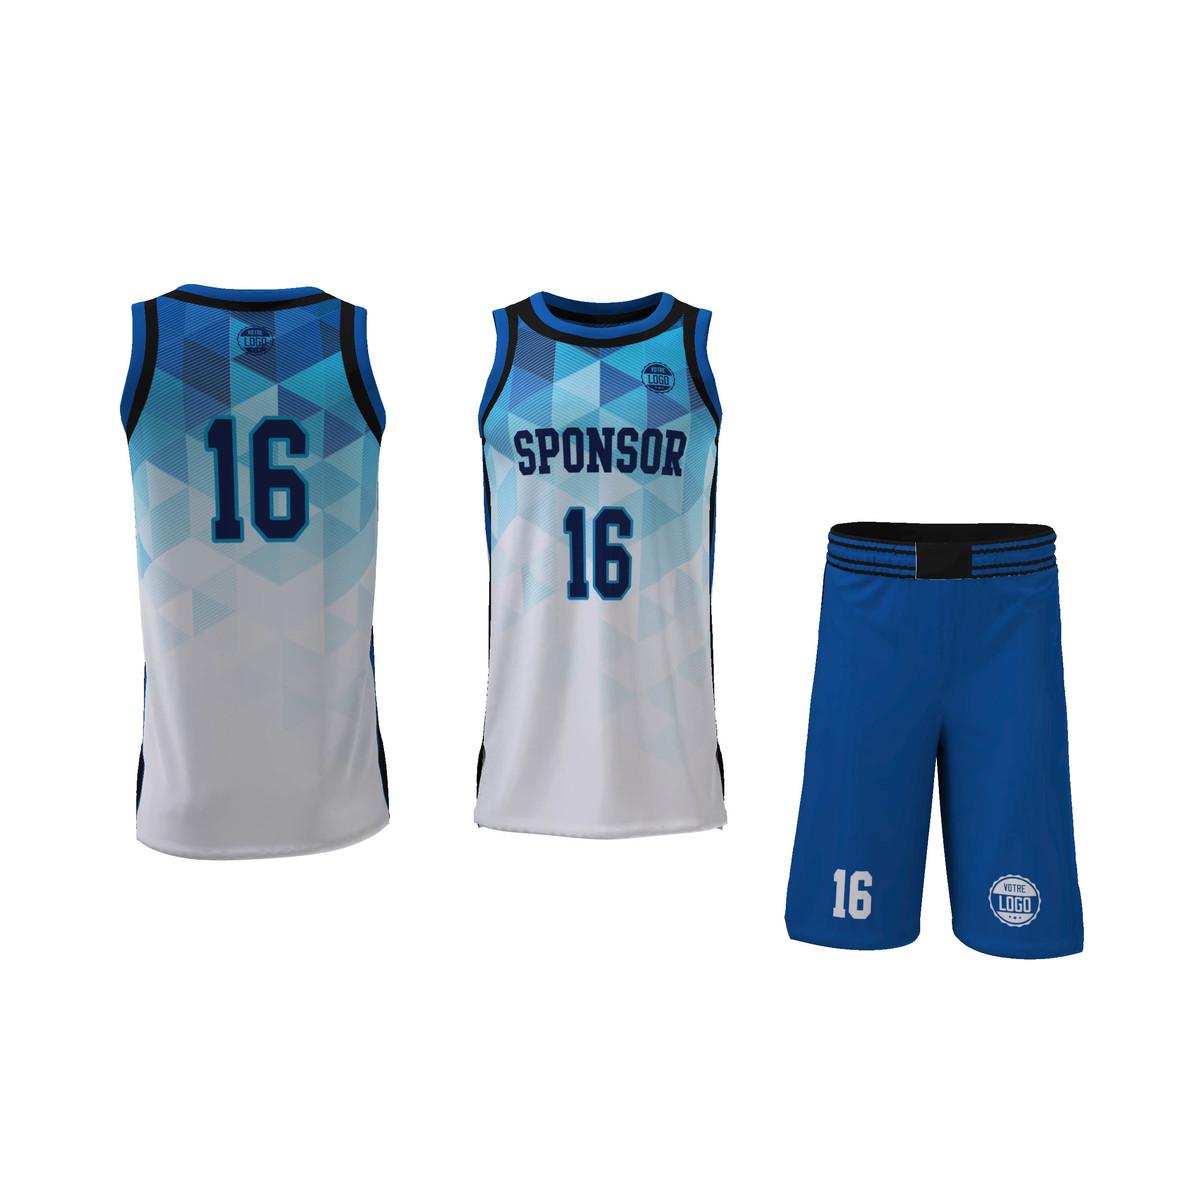 Image_basketball-15-set1-v2--0-0--ae29ff17-1b9a-4dc2-9814-edf1e1d54852